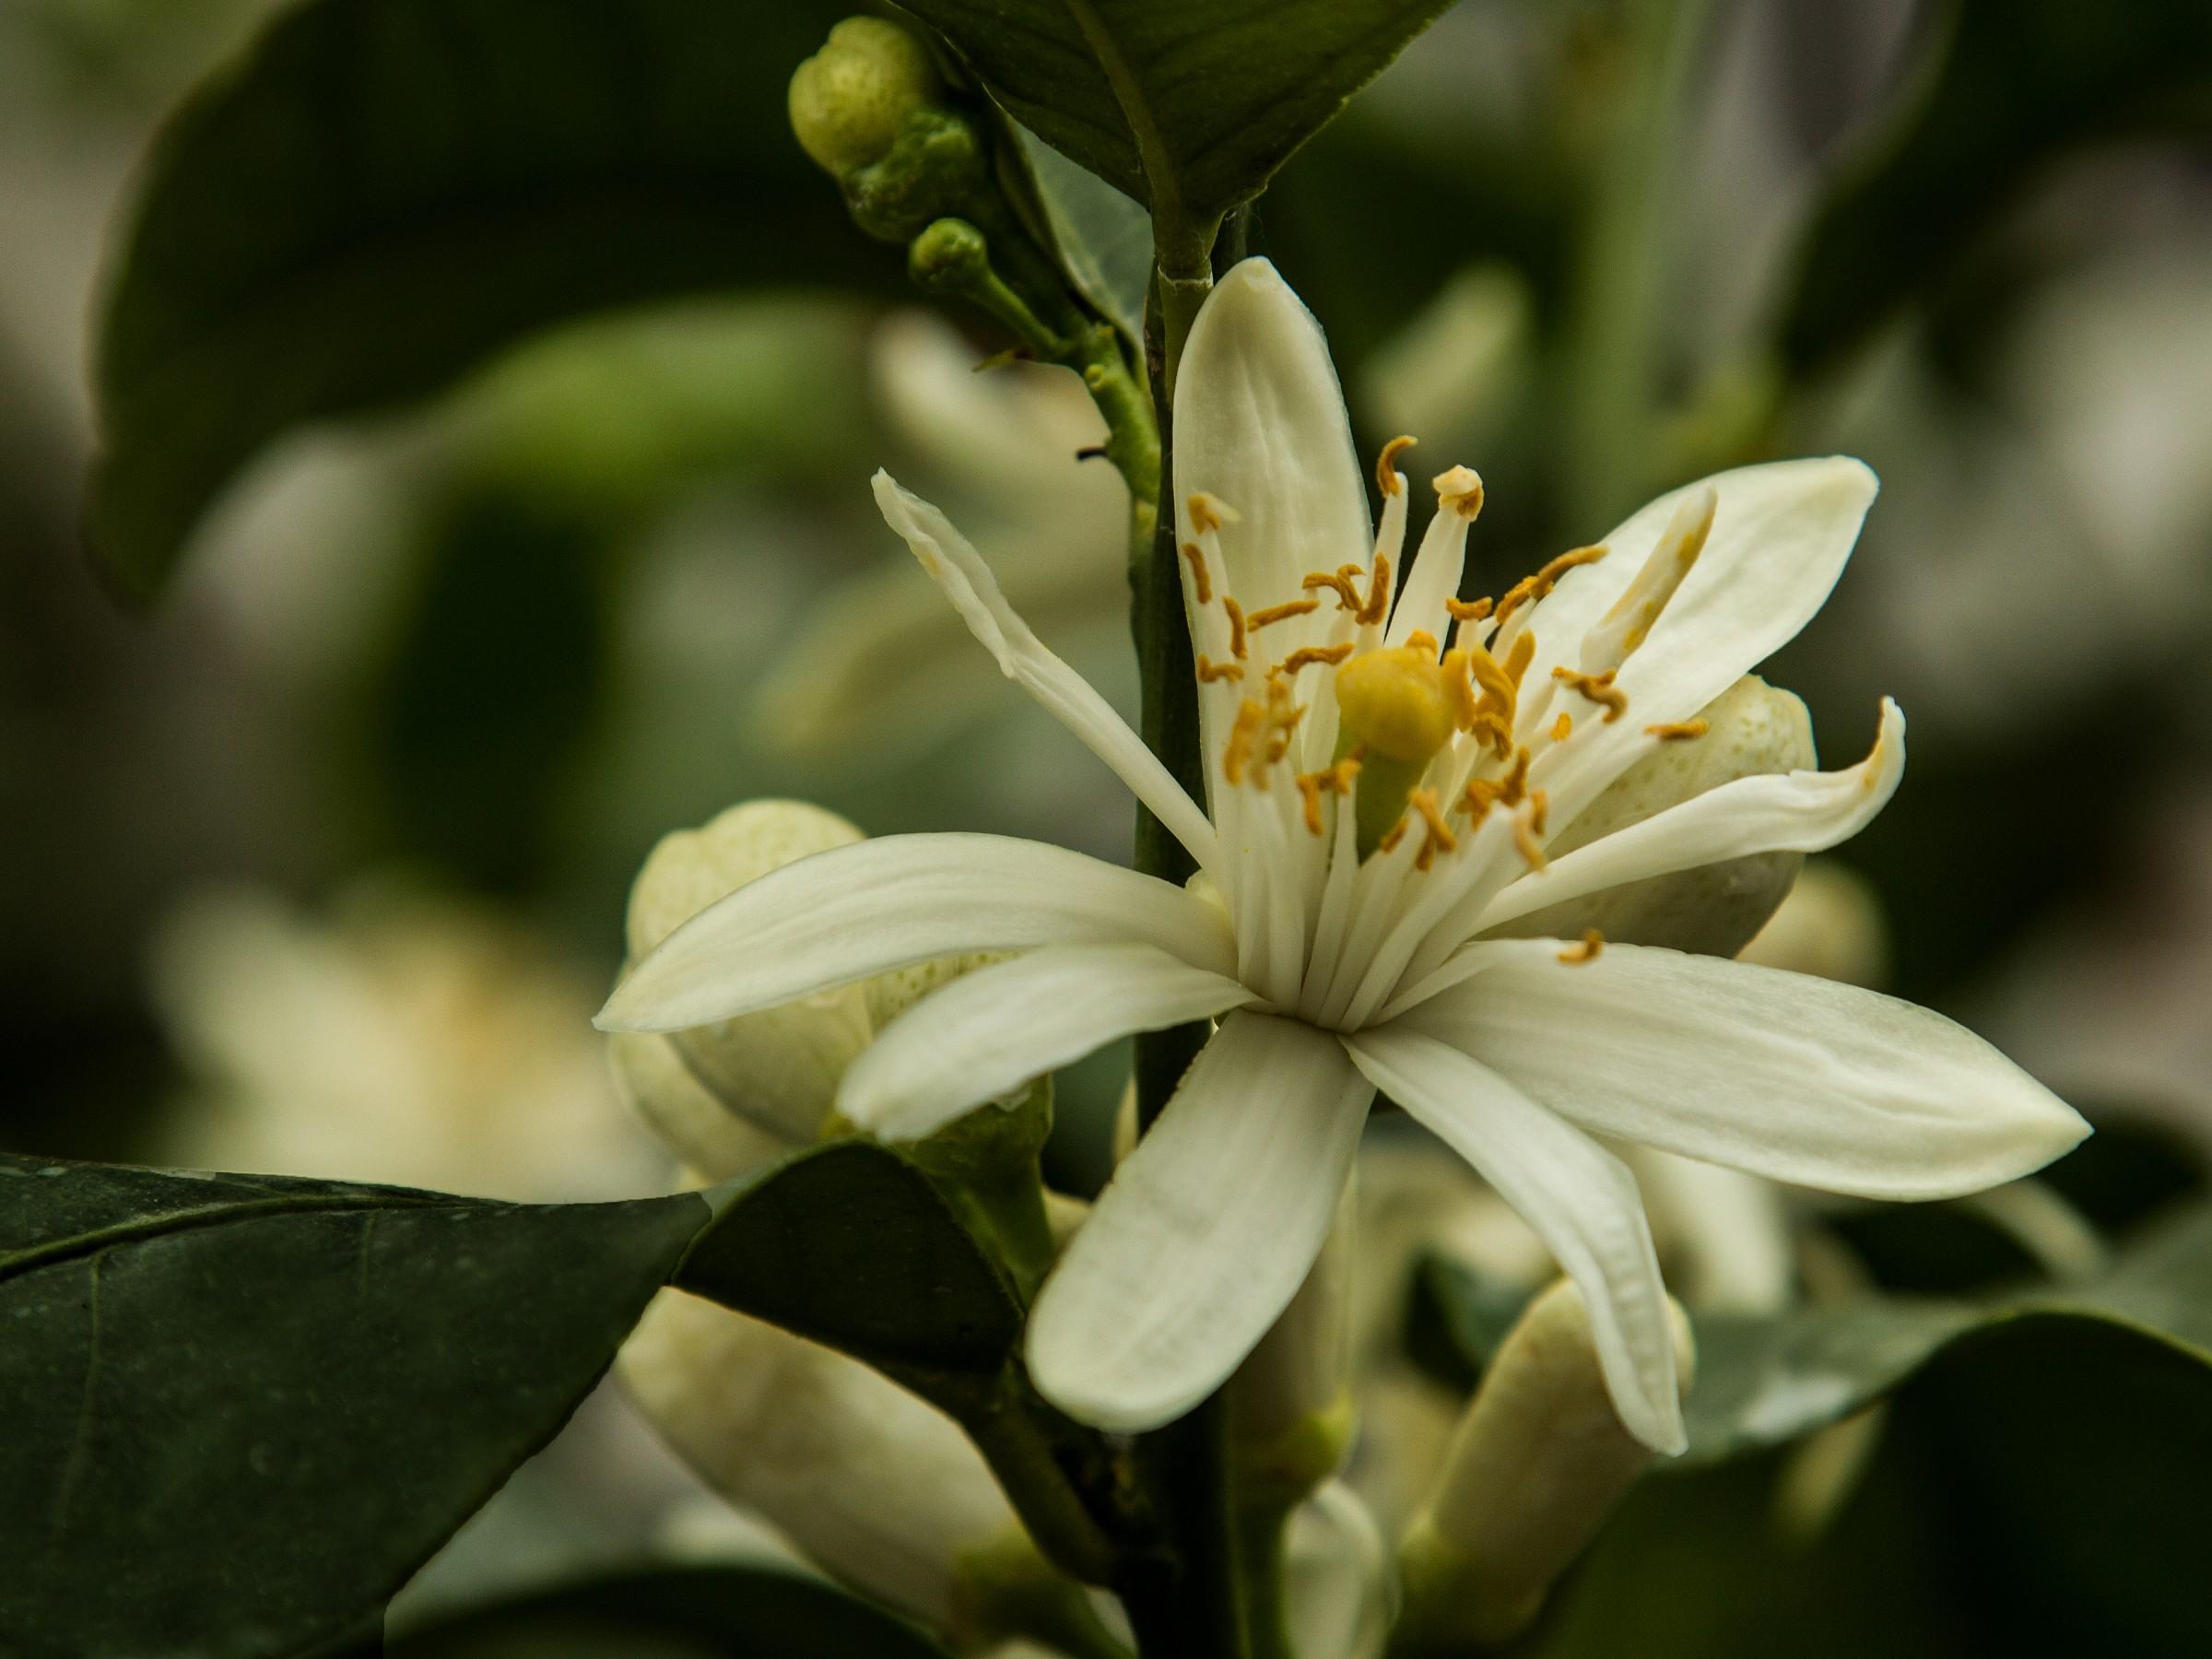 the lemon flower...